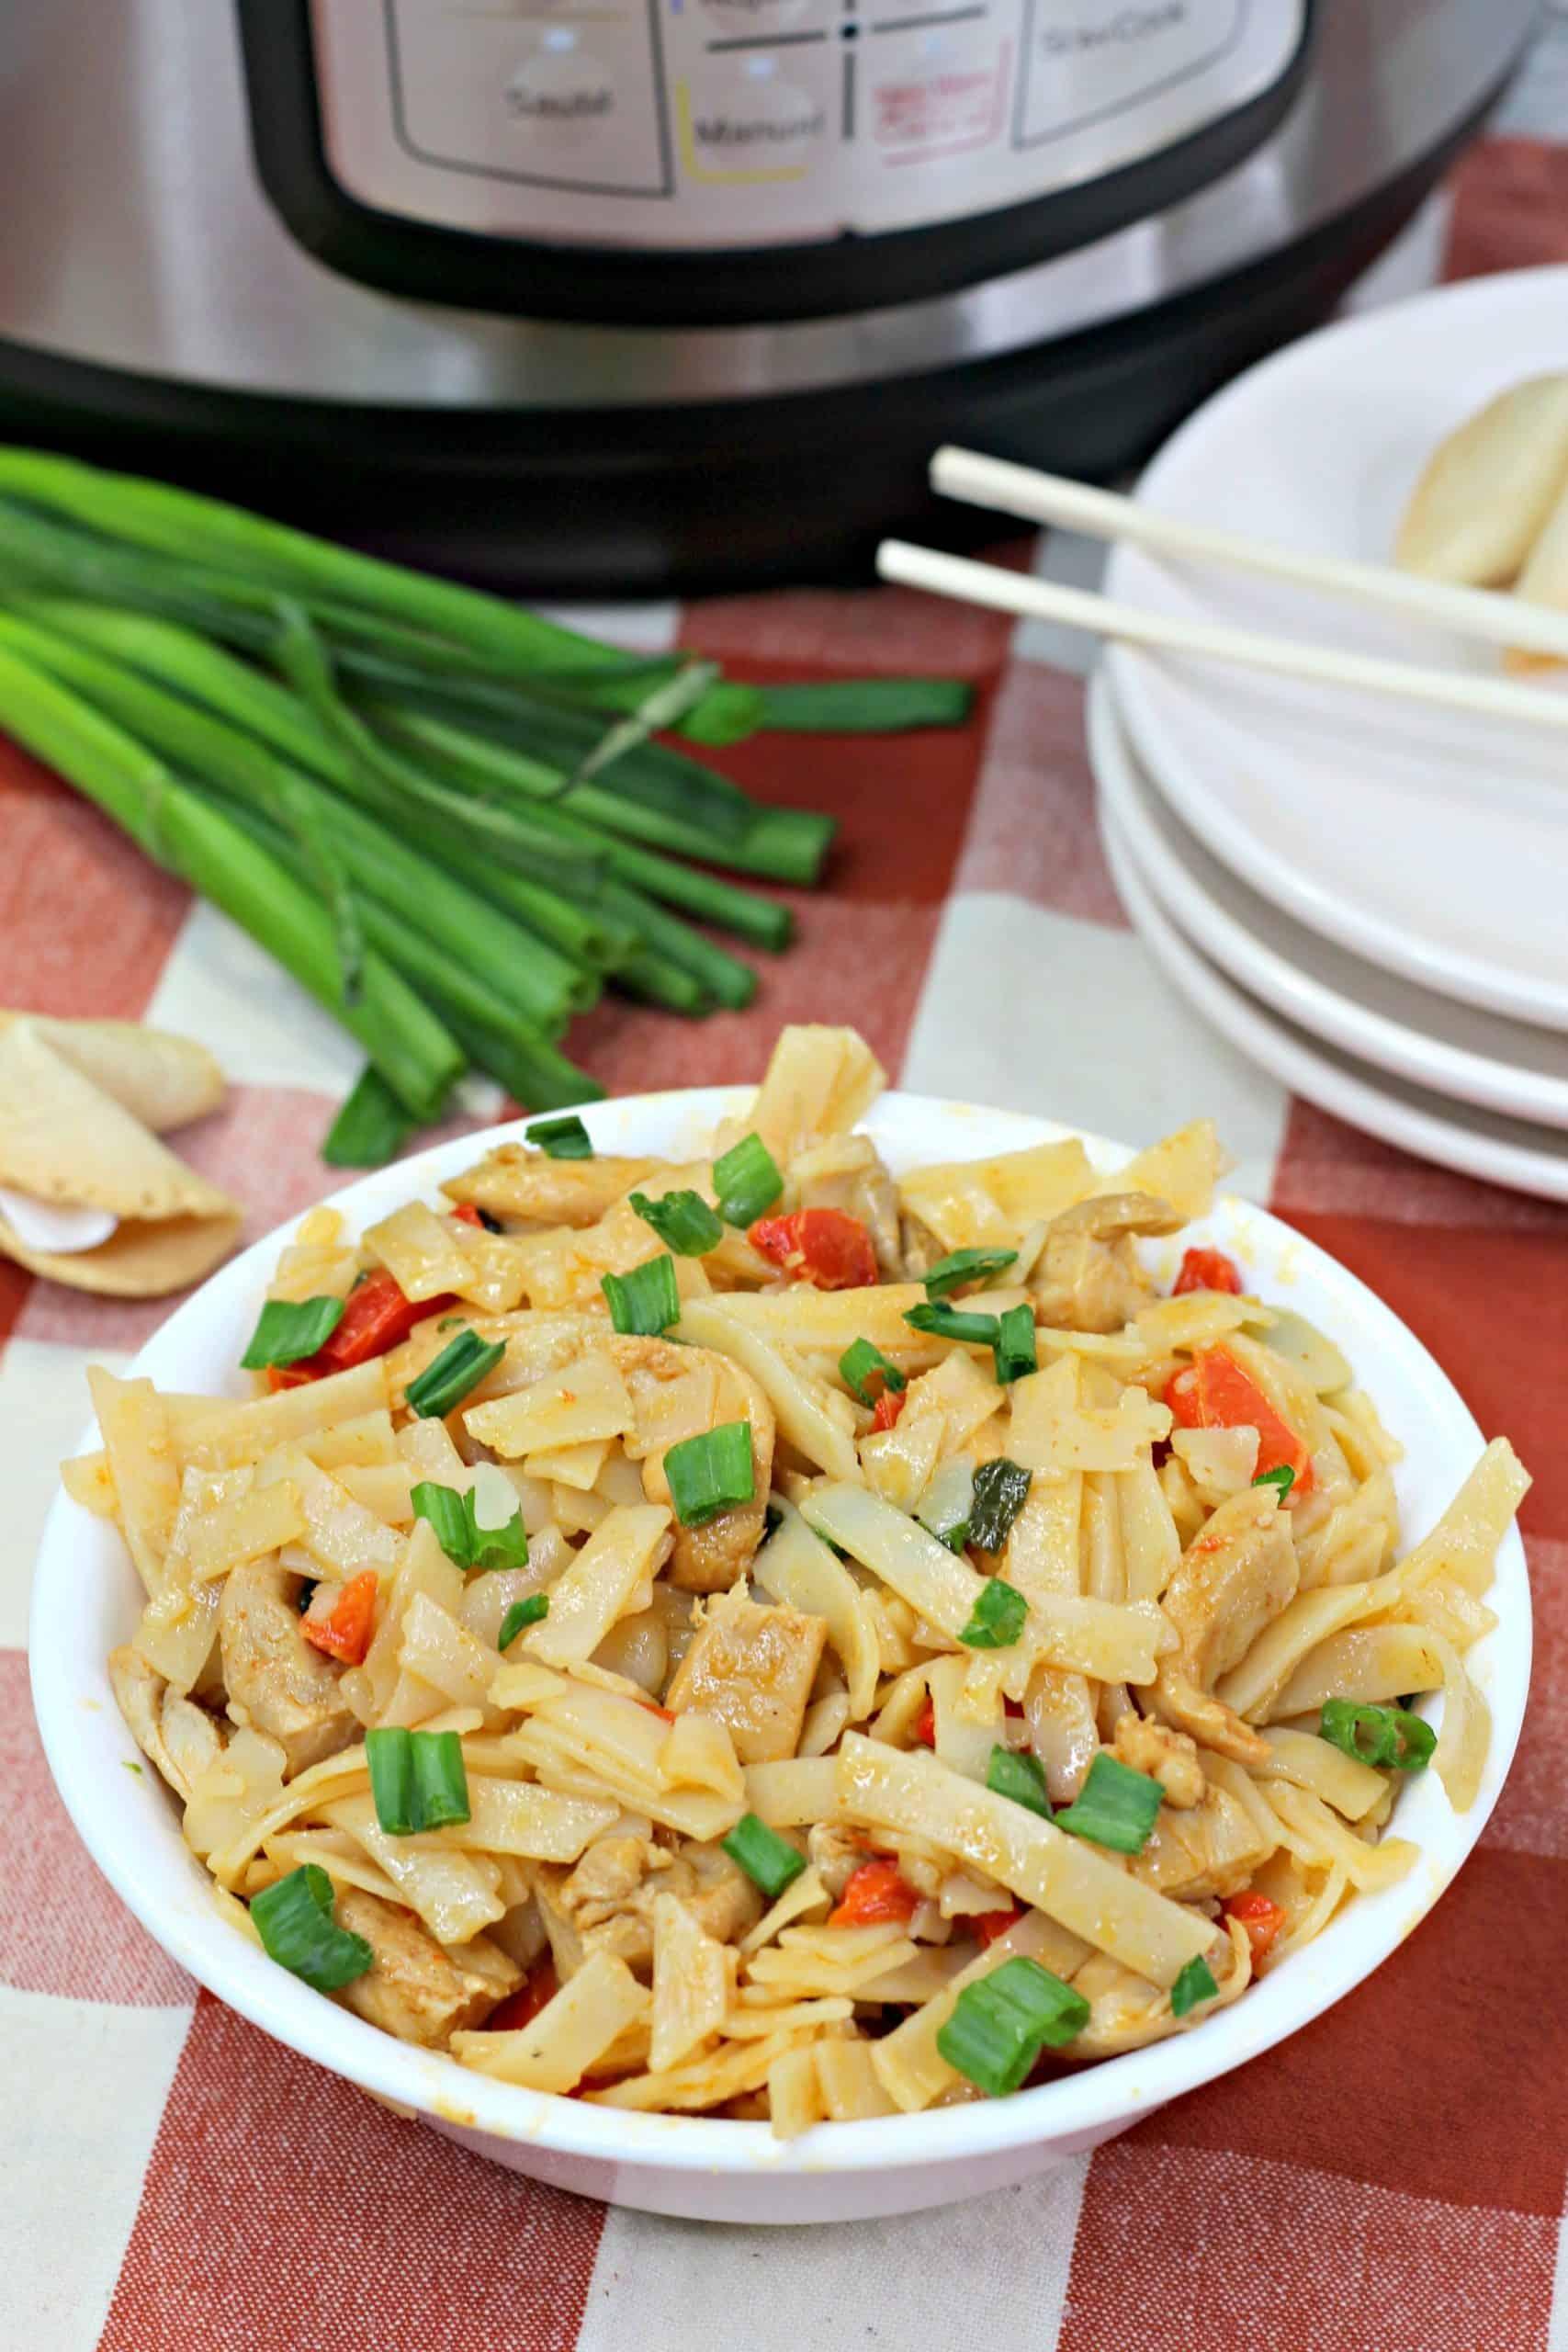 Bowl of Thai Drunken Noodles